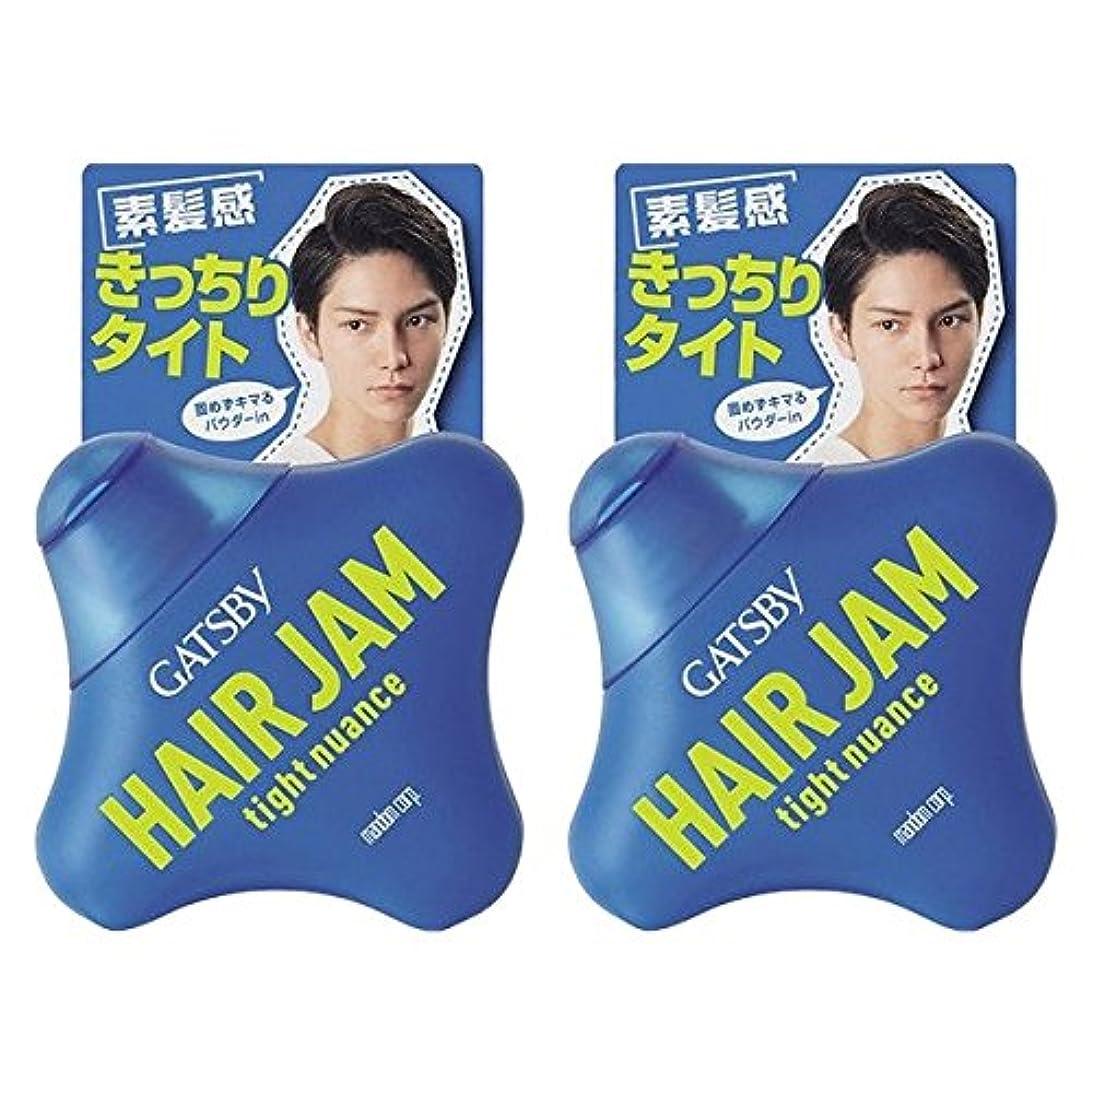 定規スクリューシットコム【2個セット】ギャツビー ヘアジャム タイトニュアンス 120mL